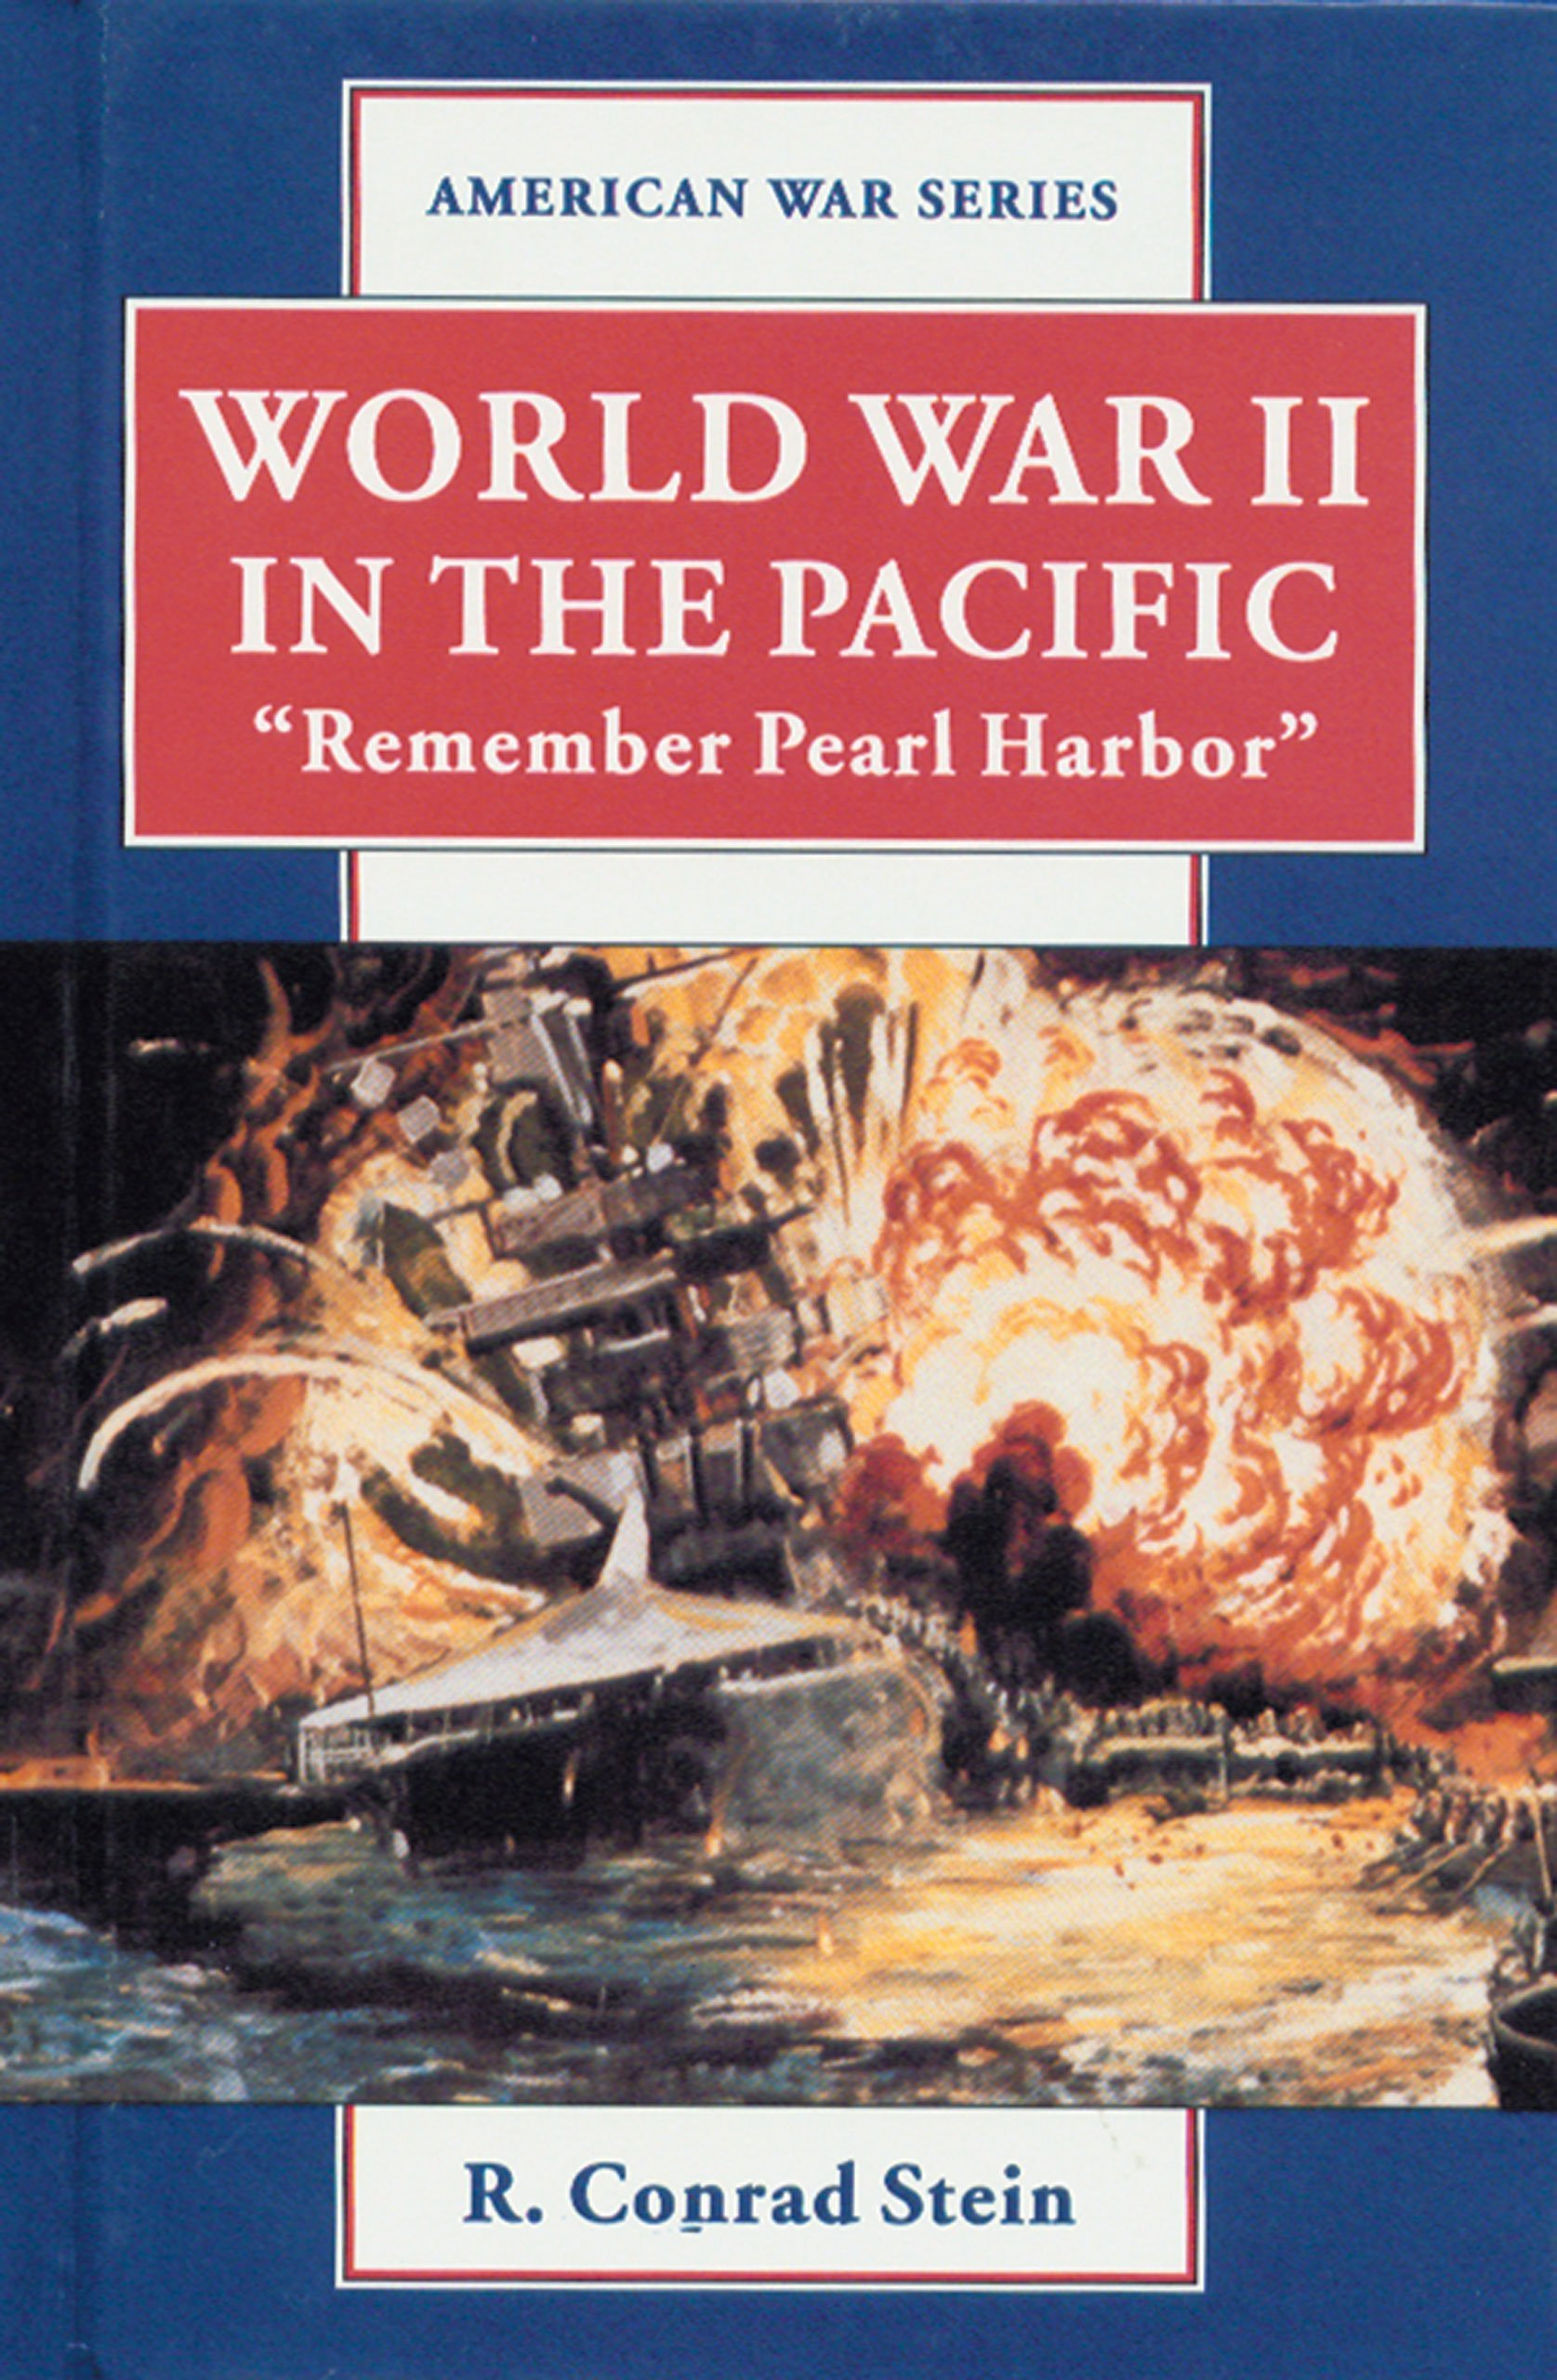 最新 Remember Pearl Harbor Images - さととめ